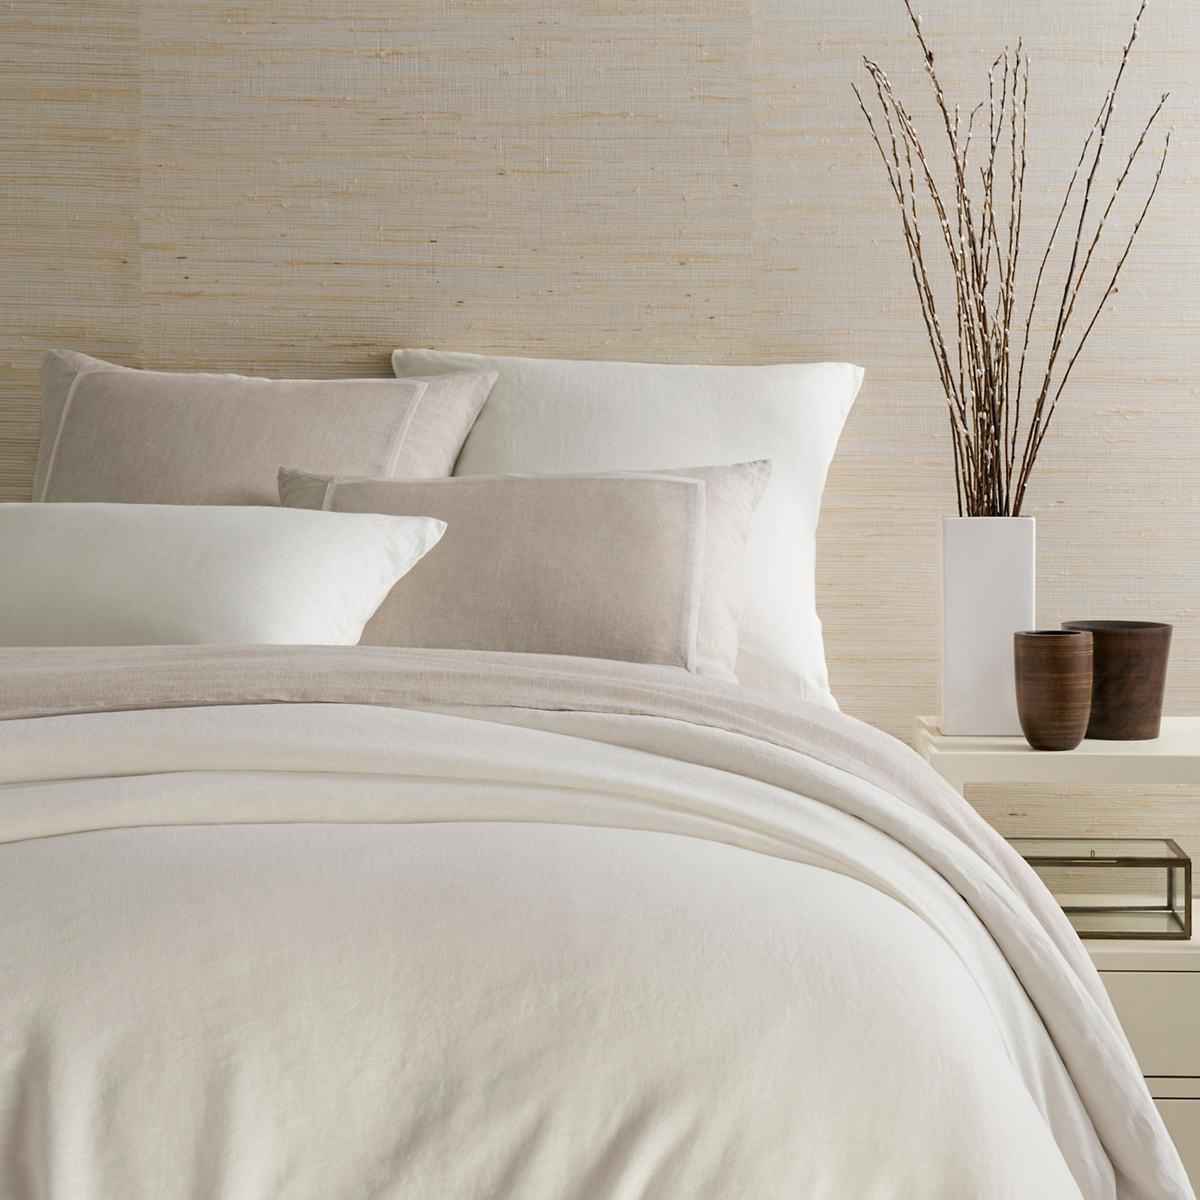 Lush Linen Ivory Duvet Cover